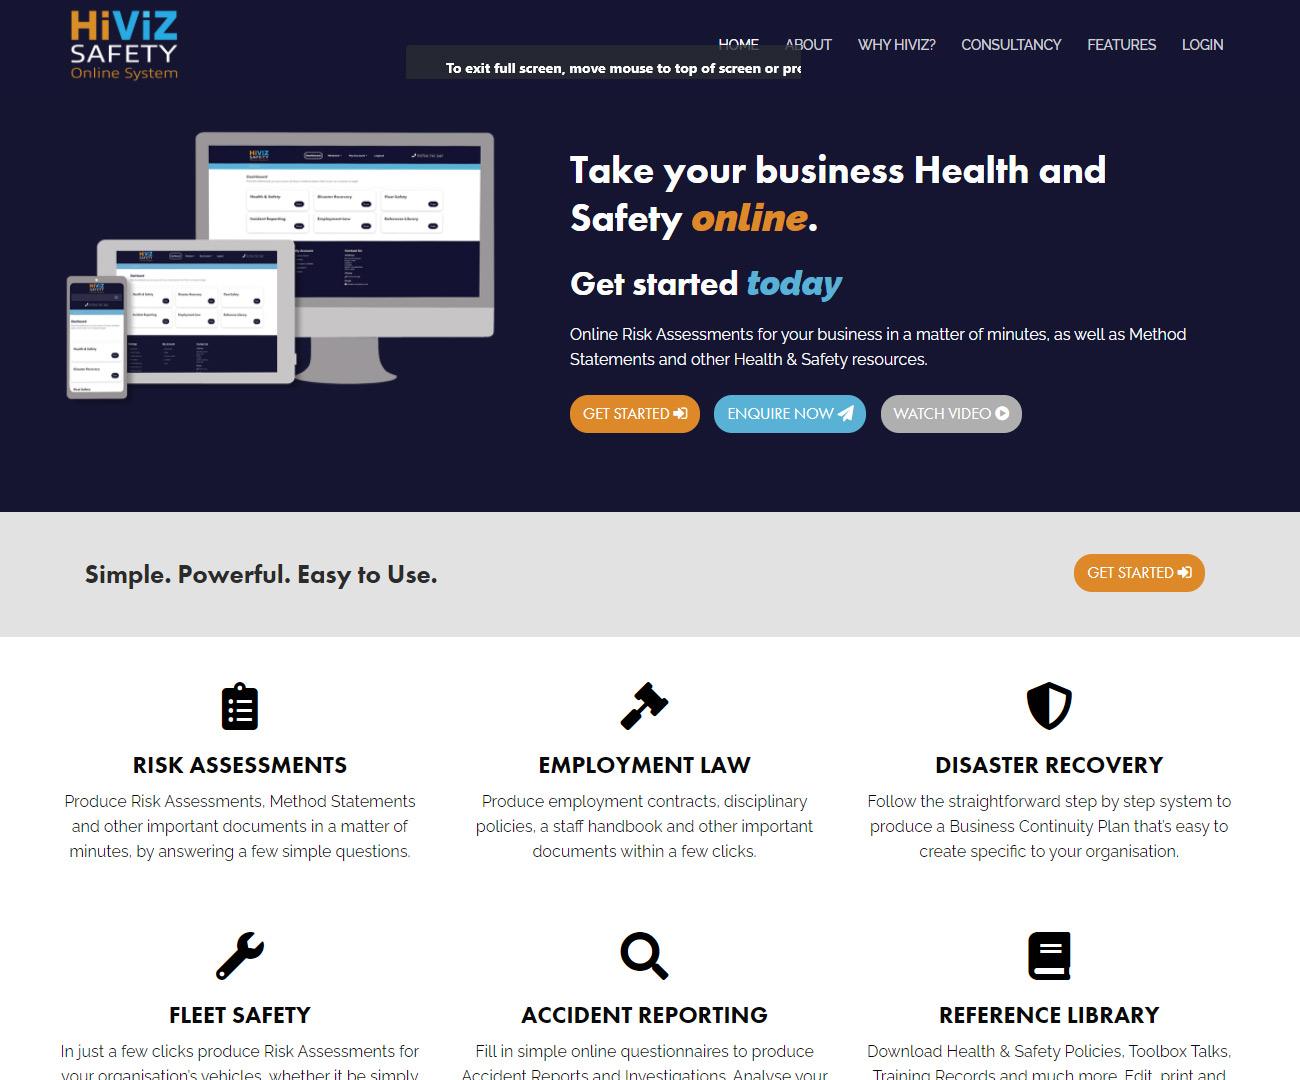 HiViz Safety